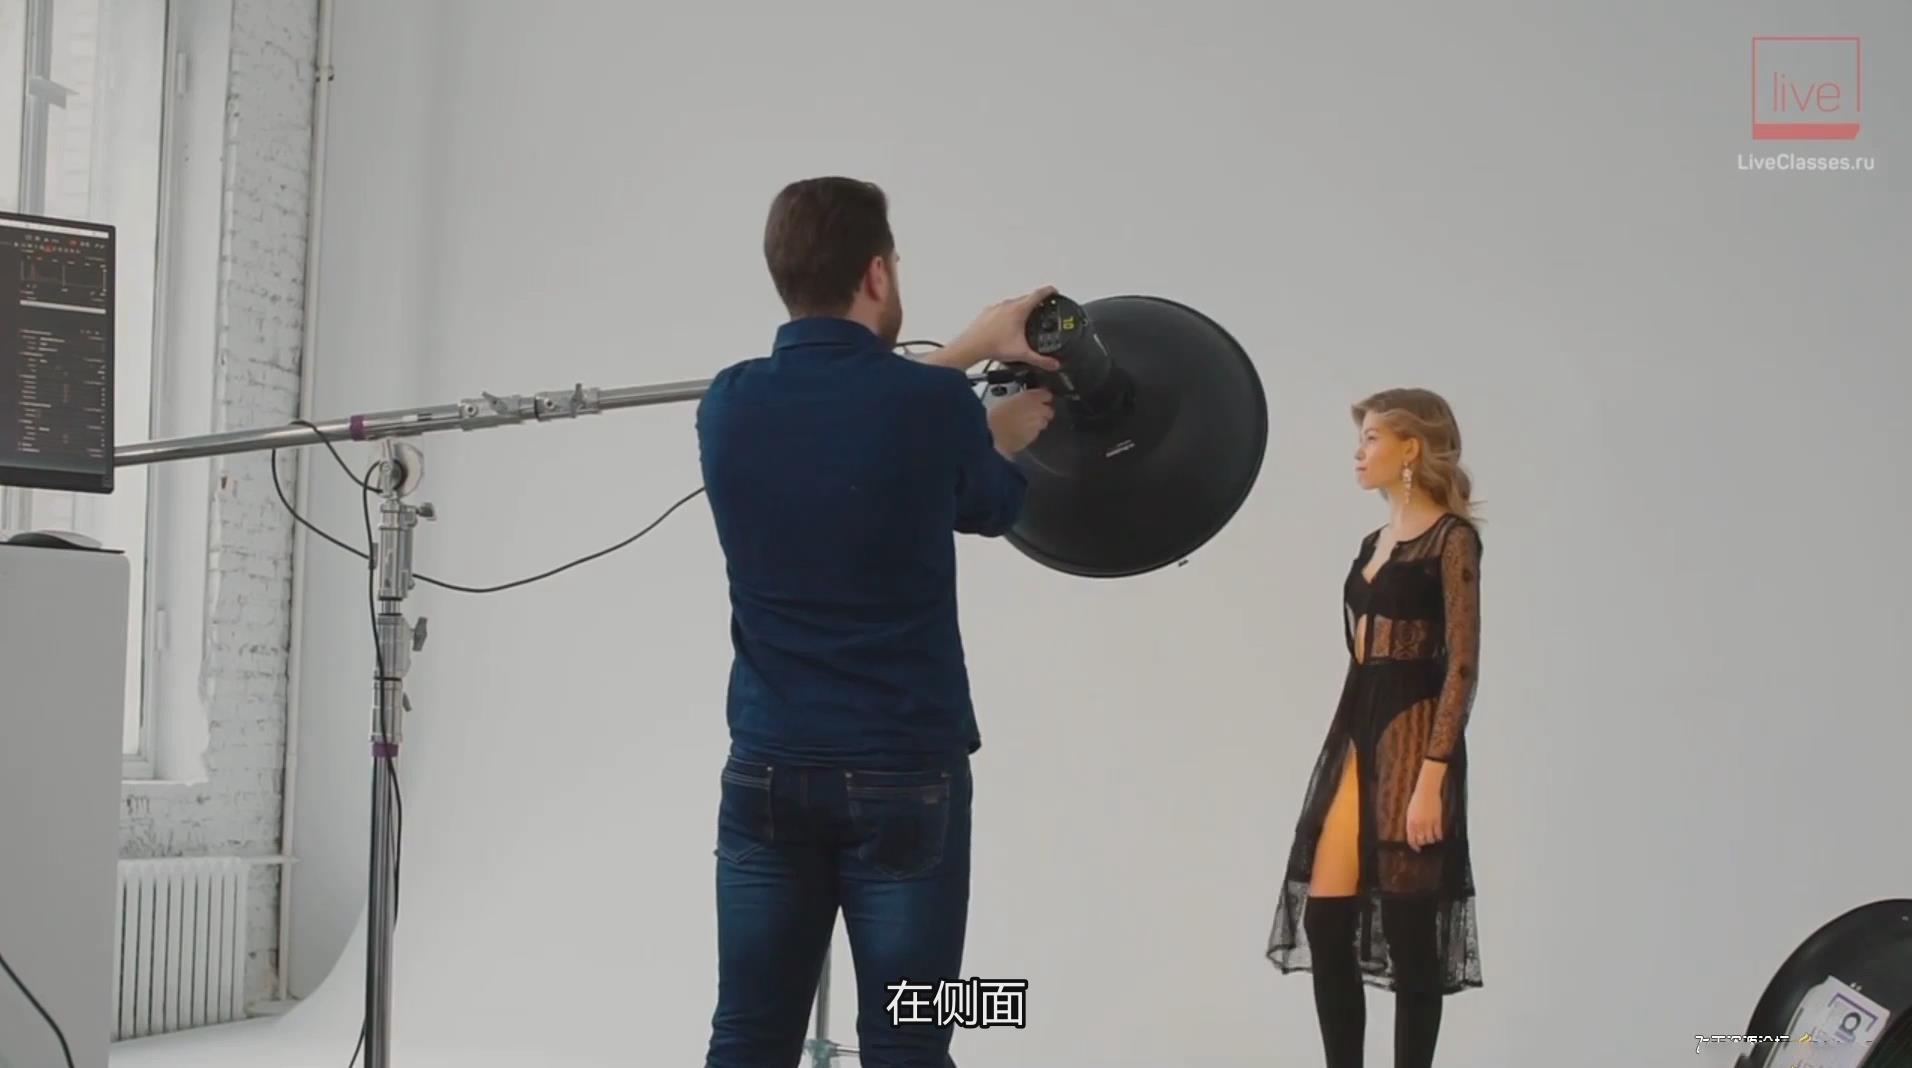 摄影教程_Liveclasses -Alexander Talyuka棚拍时尚杂志人像布光教程-中文字幕 摄影教程 _预览图7